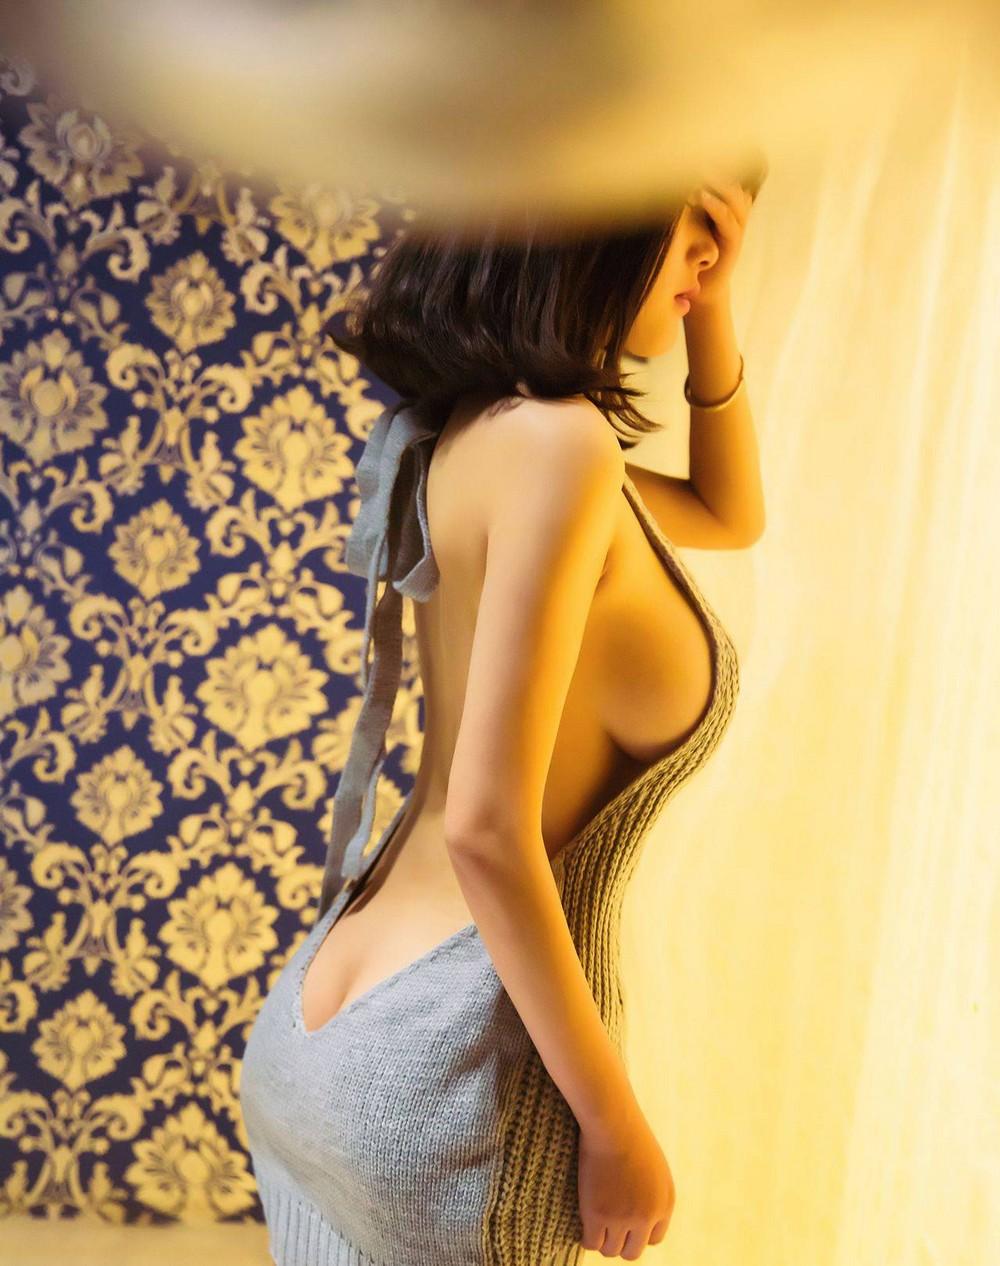 Девушки в обтягивающем нижнем белье большие груди, фото госпожа большие анальные игрушки раб